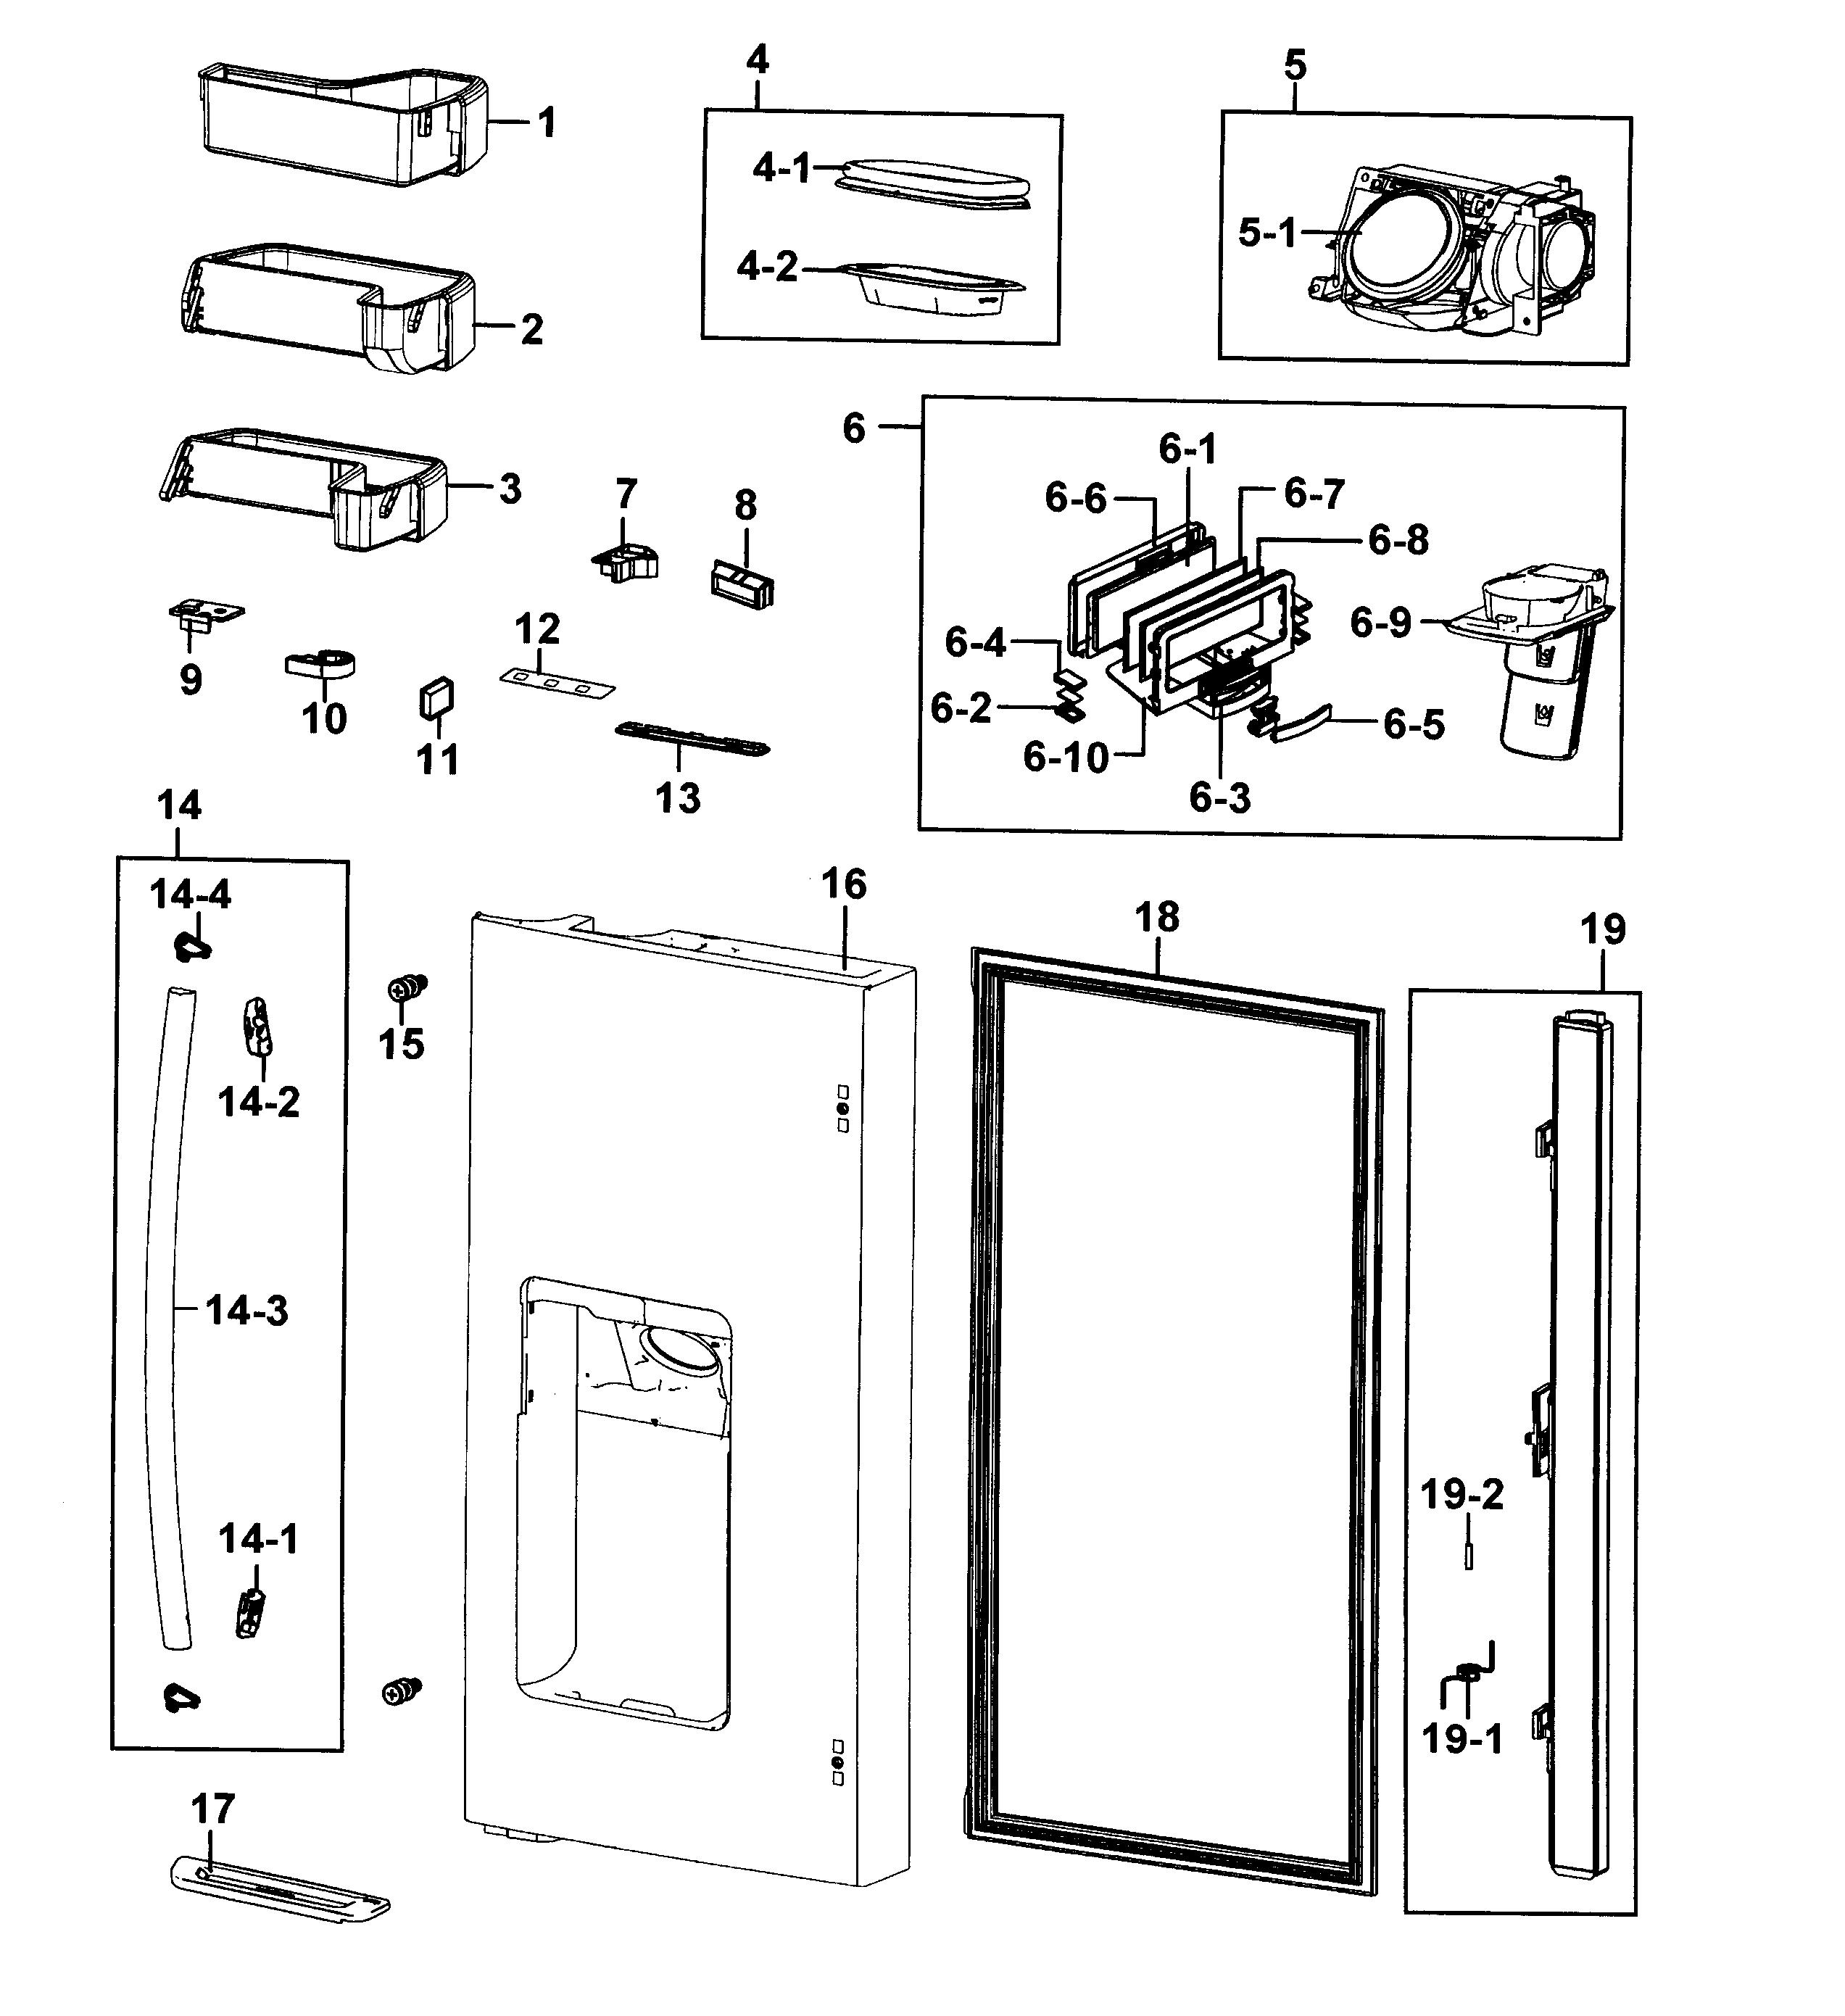 Samsung model RF4287HARS/XAA-0001 bottom-mount